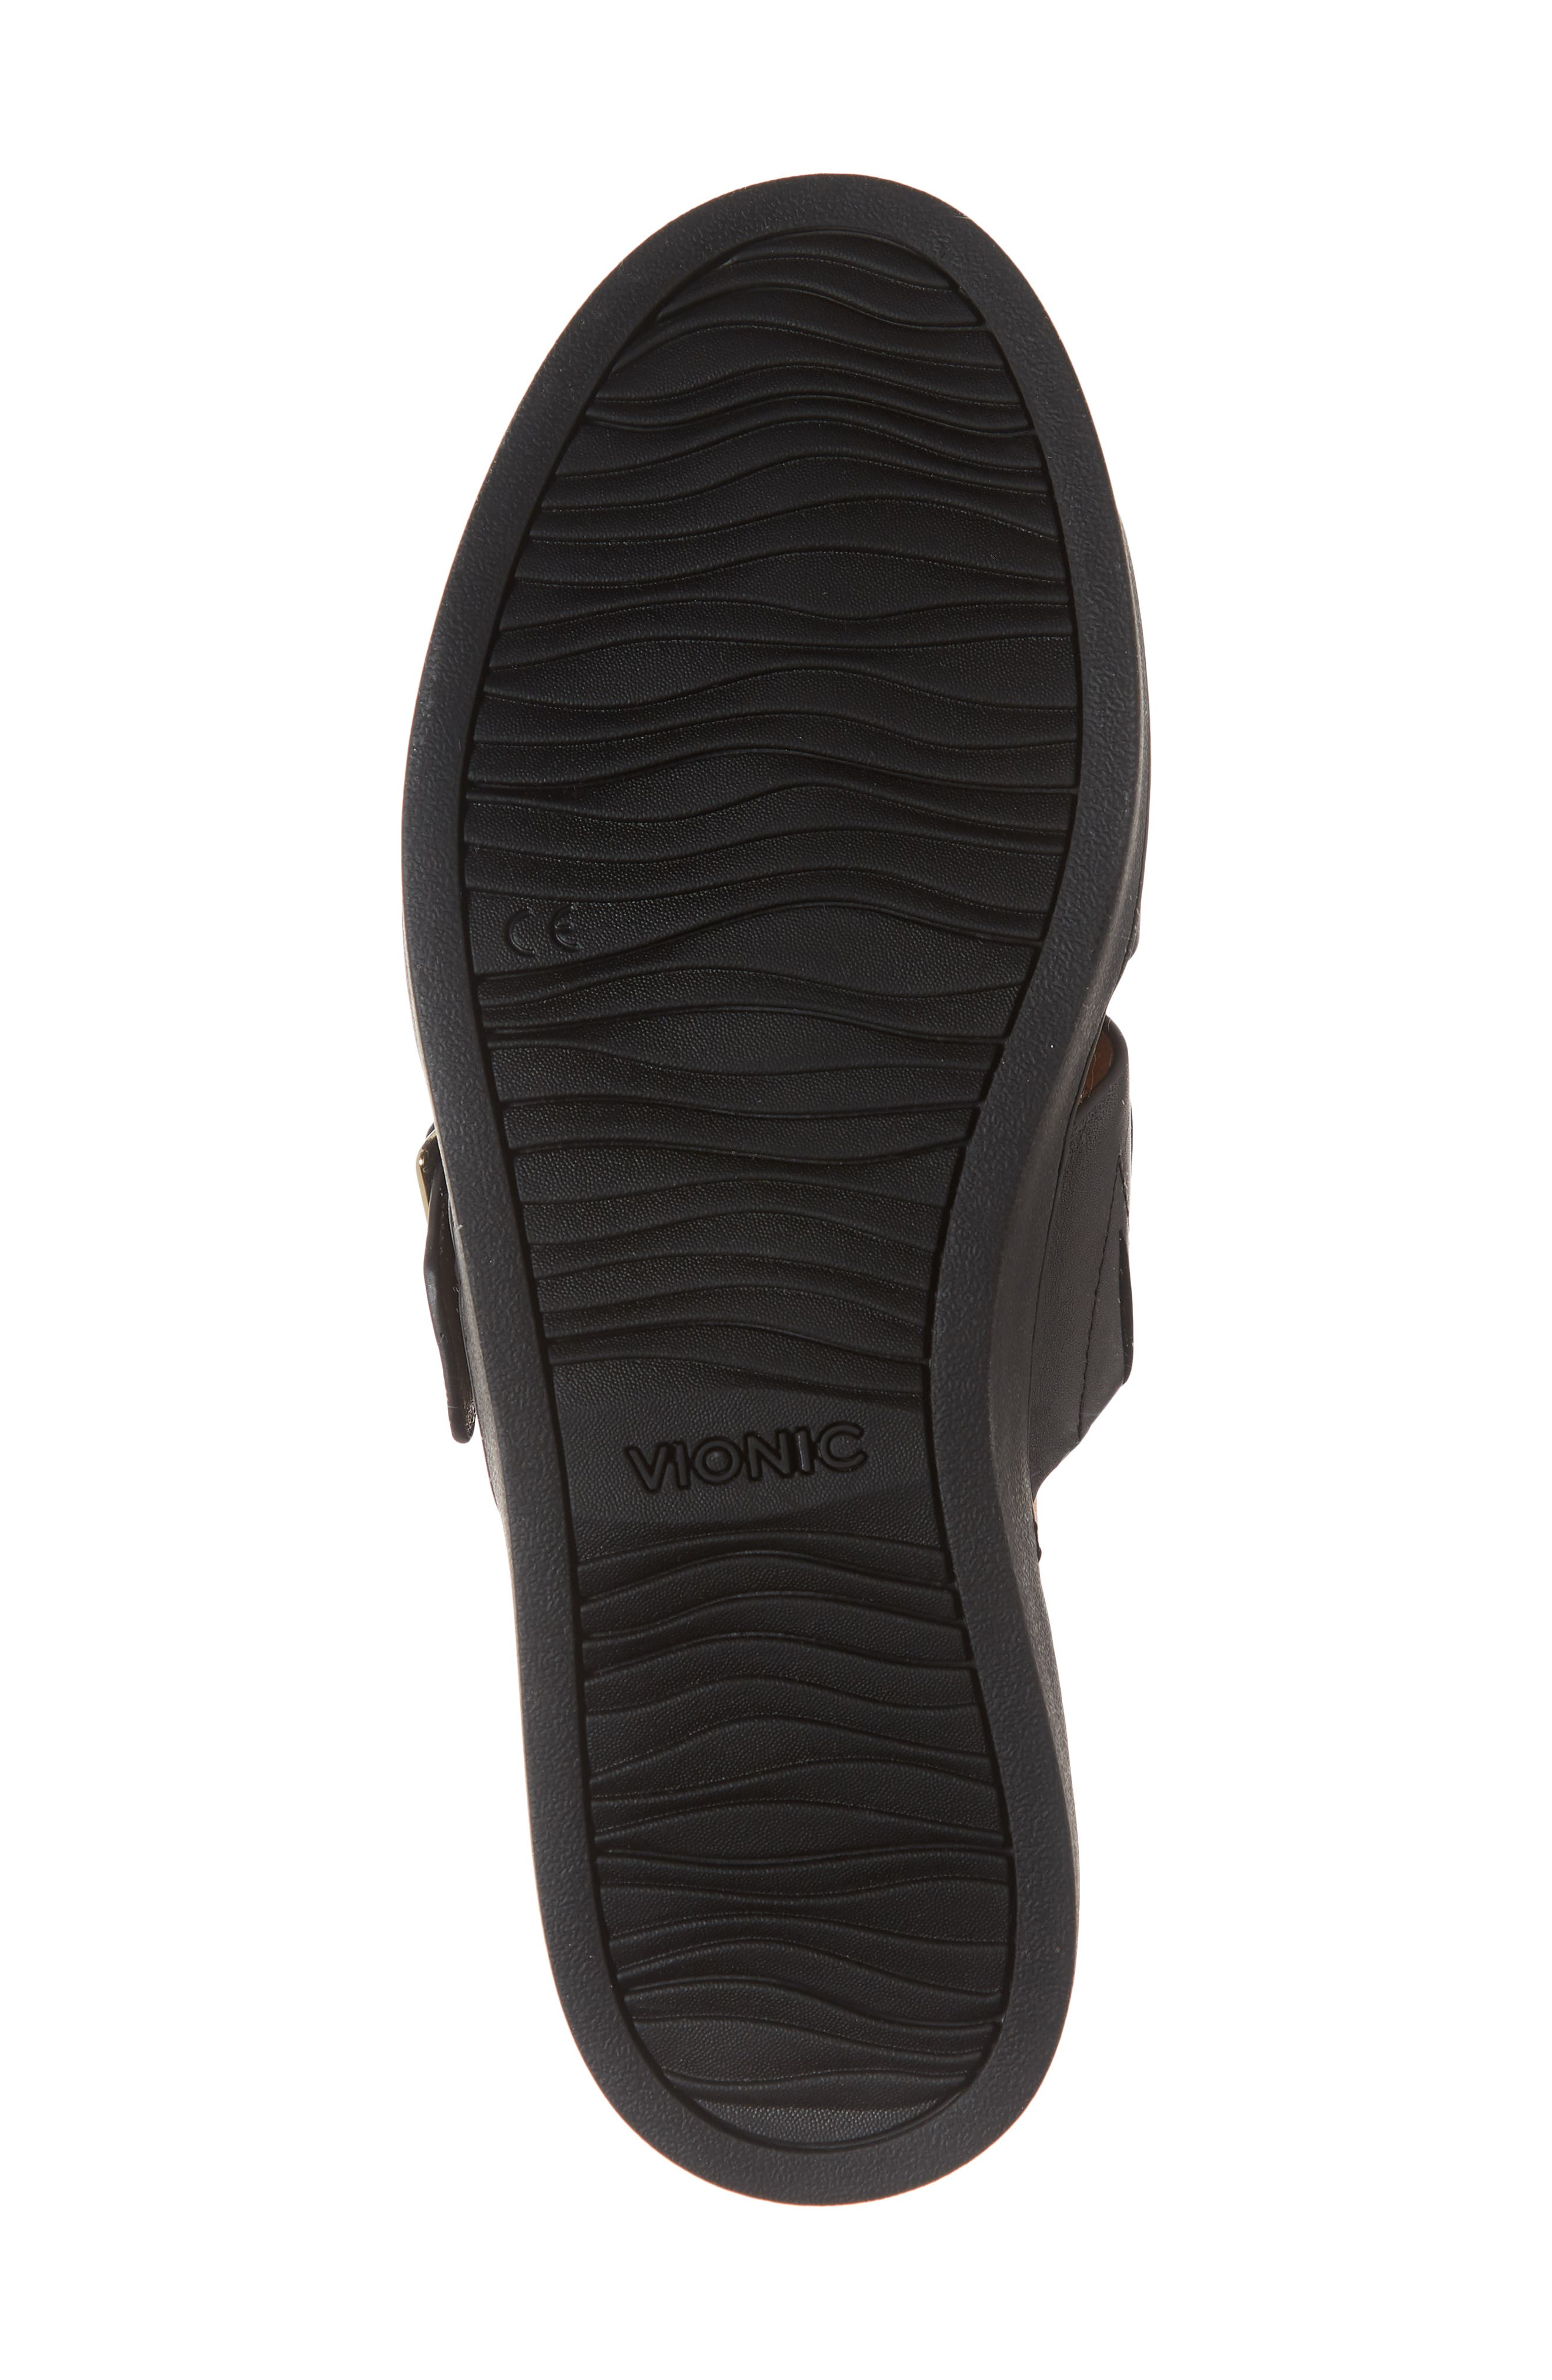 Fillmore Slide Sandal,                             Alternate thumbnail 6, color,                             001